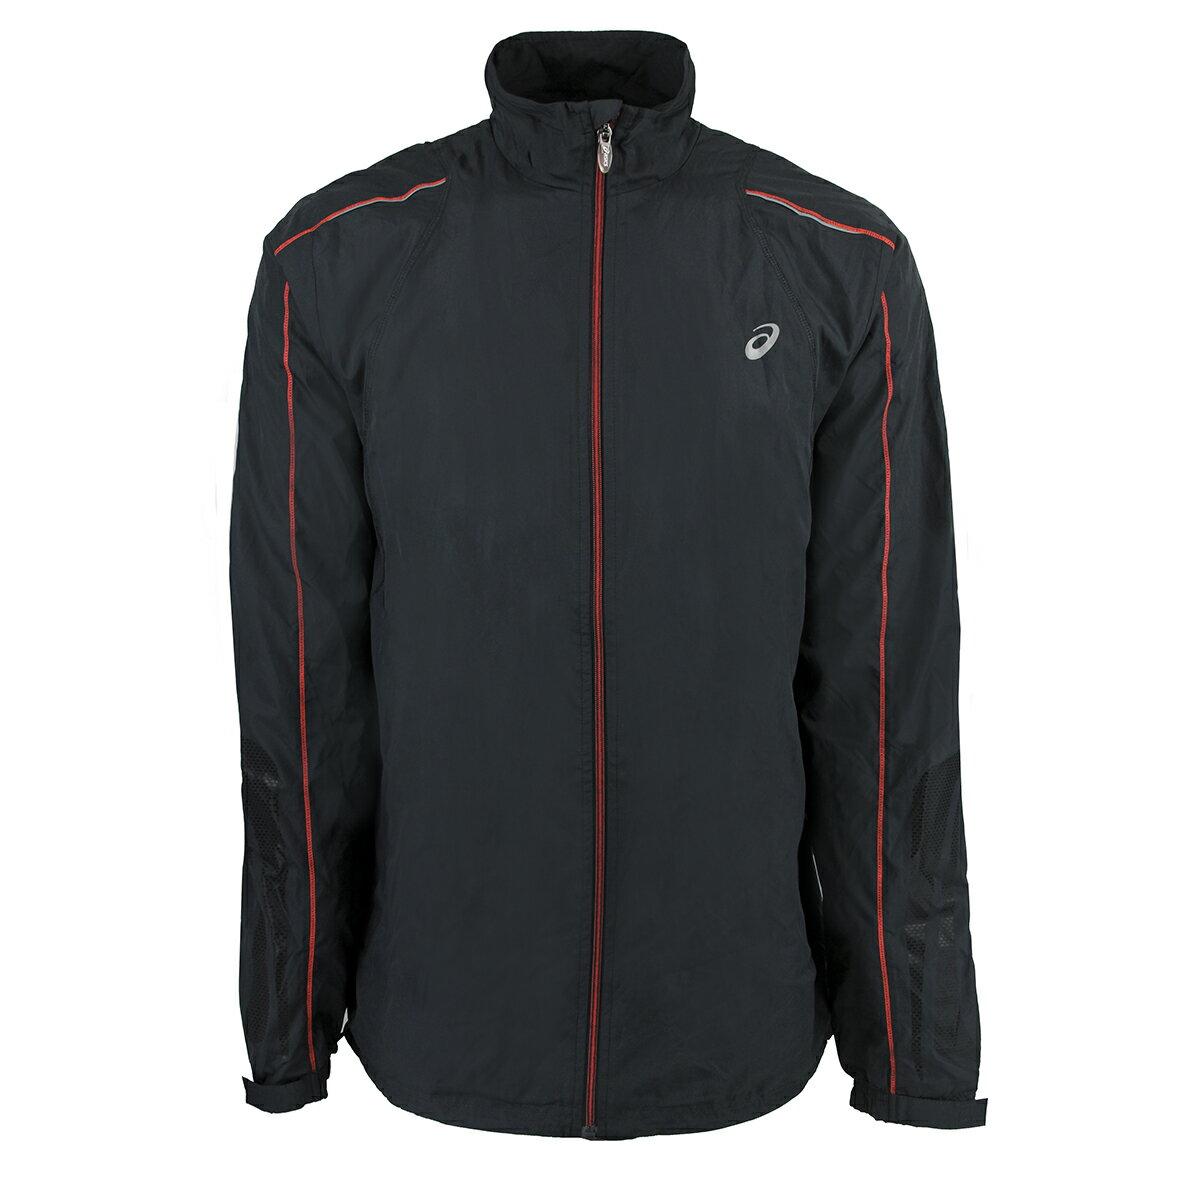 Asics Men's Run Warrior Jacket